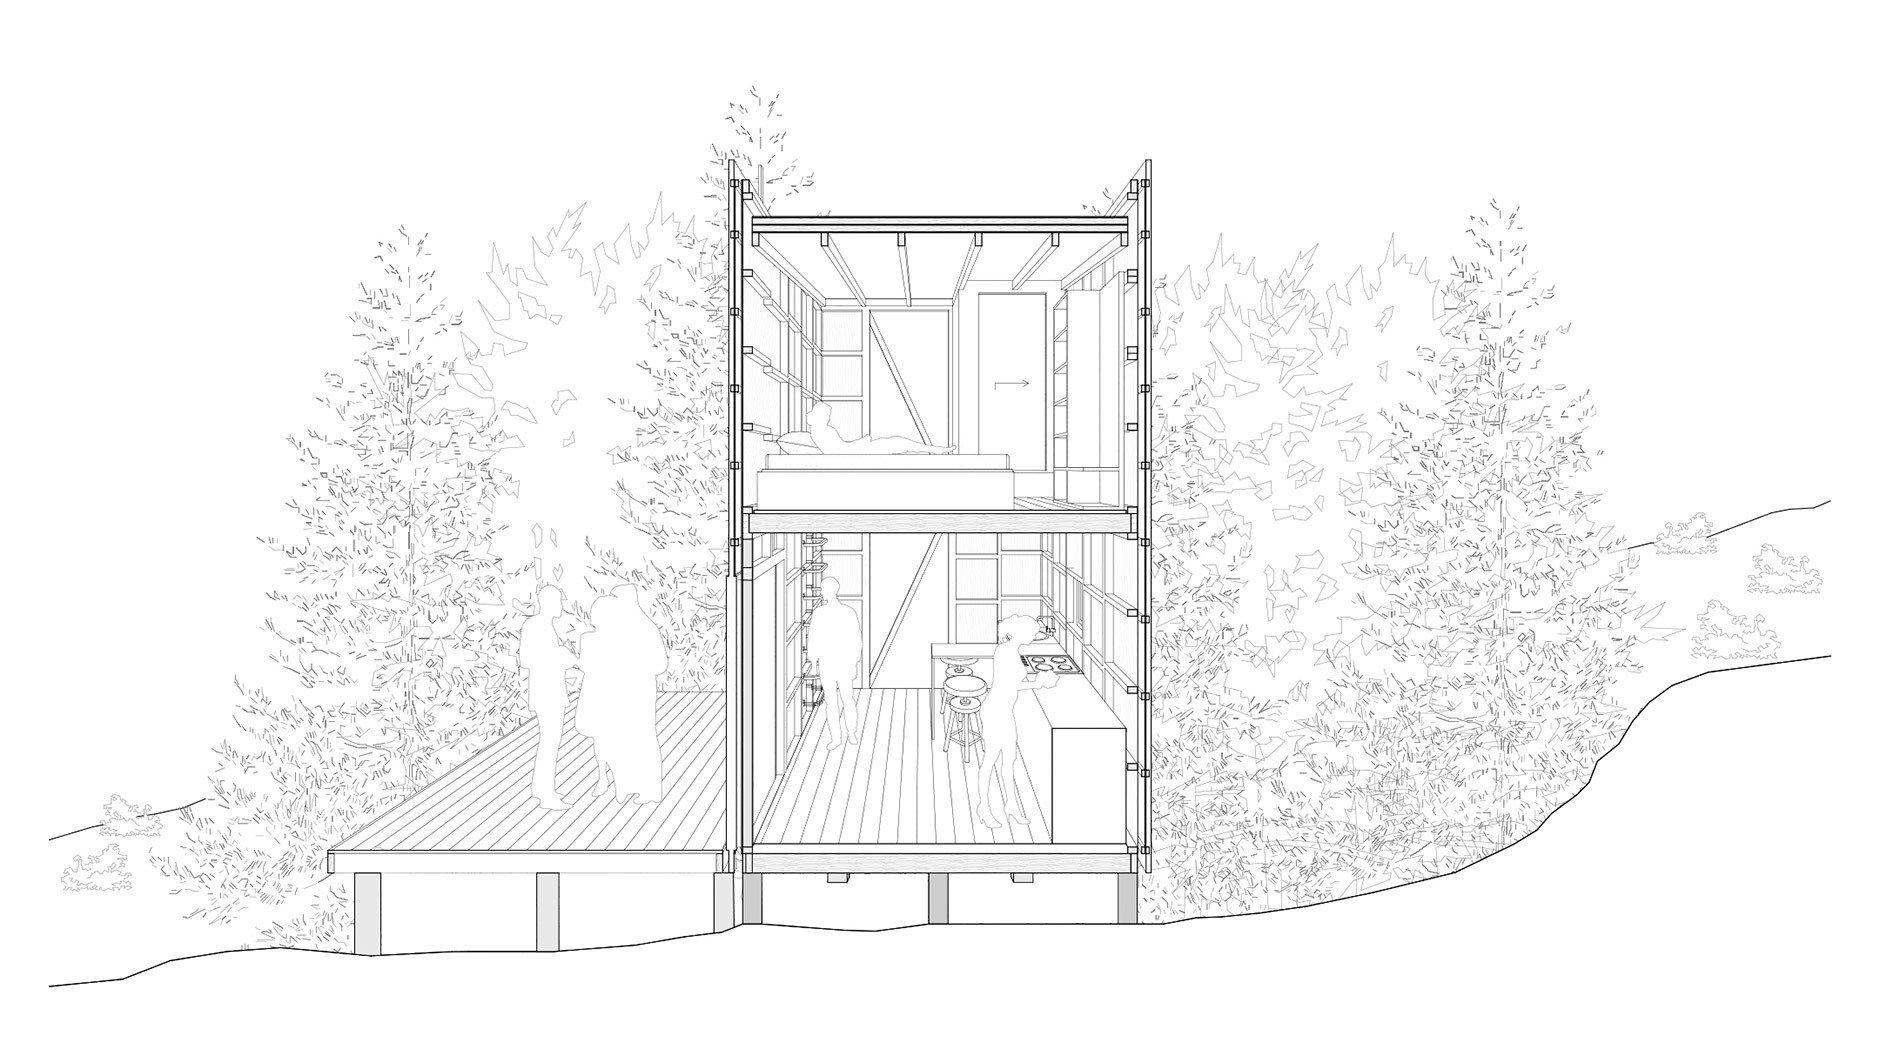 Neun Quadratmeter Grundfläche und zwei Etagen bietet das Refugio, in diesem beschränkten Raum haben die Architekten sogar ein kleines Bad eingeplant.